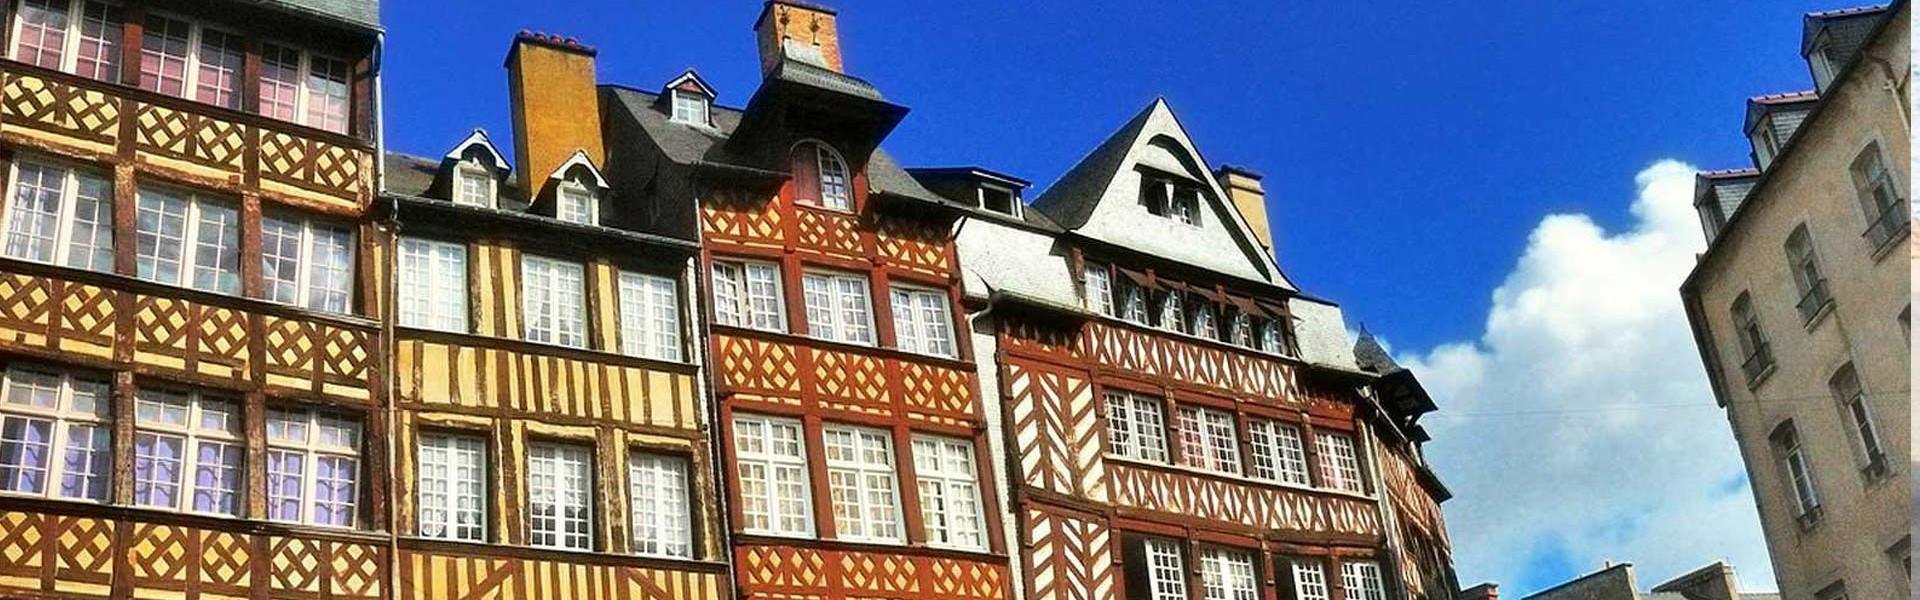 Main image ofRendez-vous en terre bretonne : Rennes, Cancale et Saint Malo